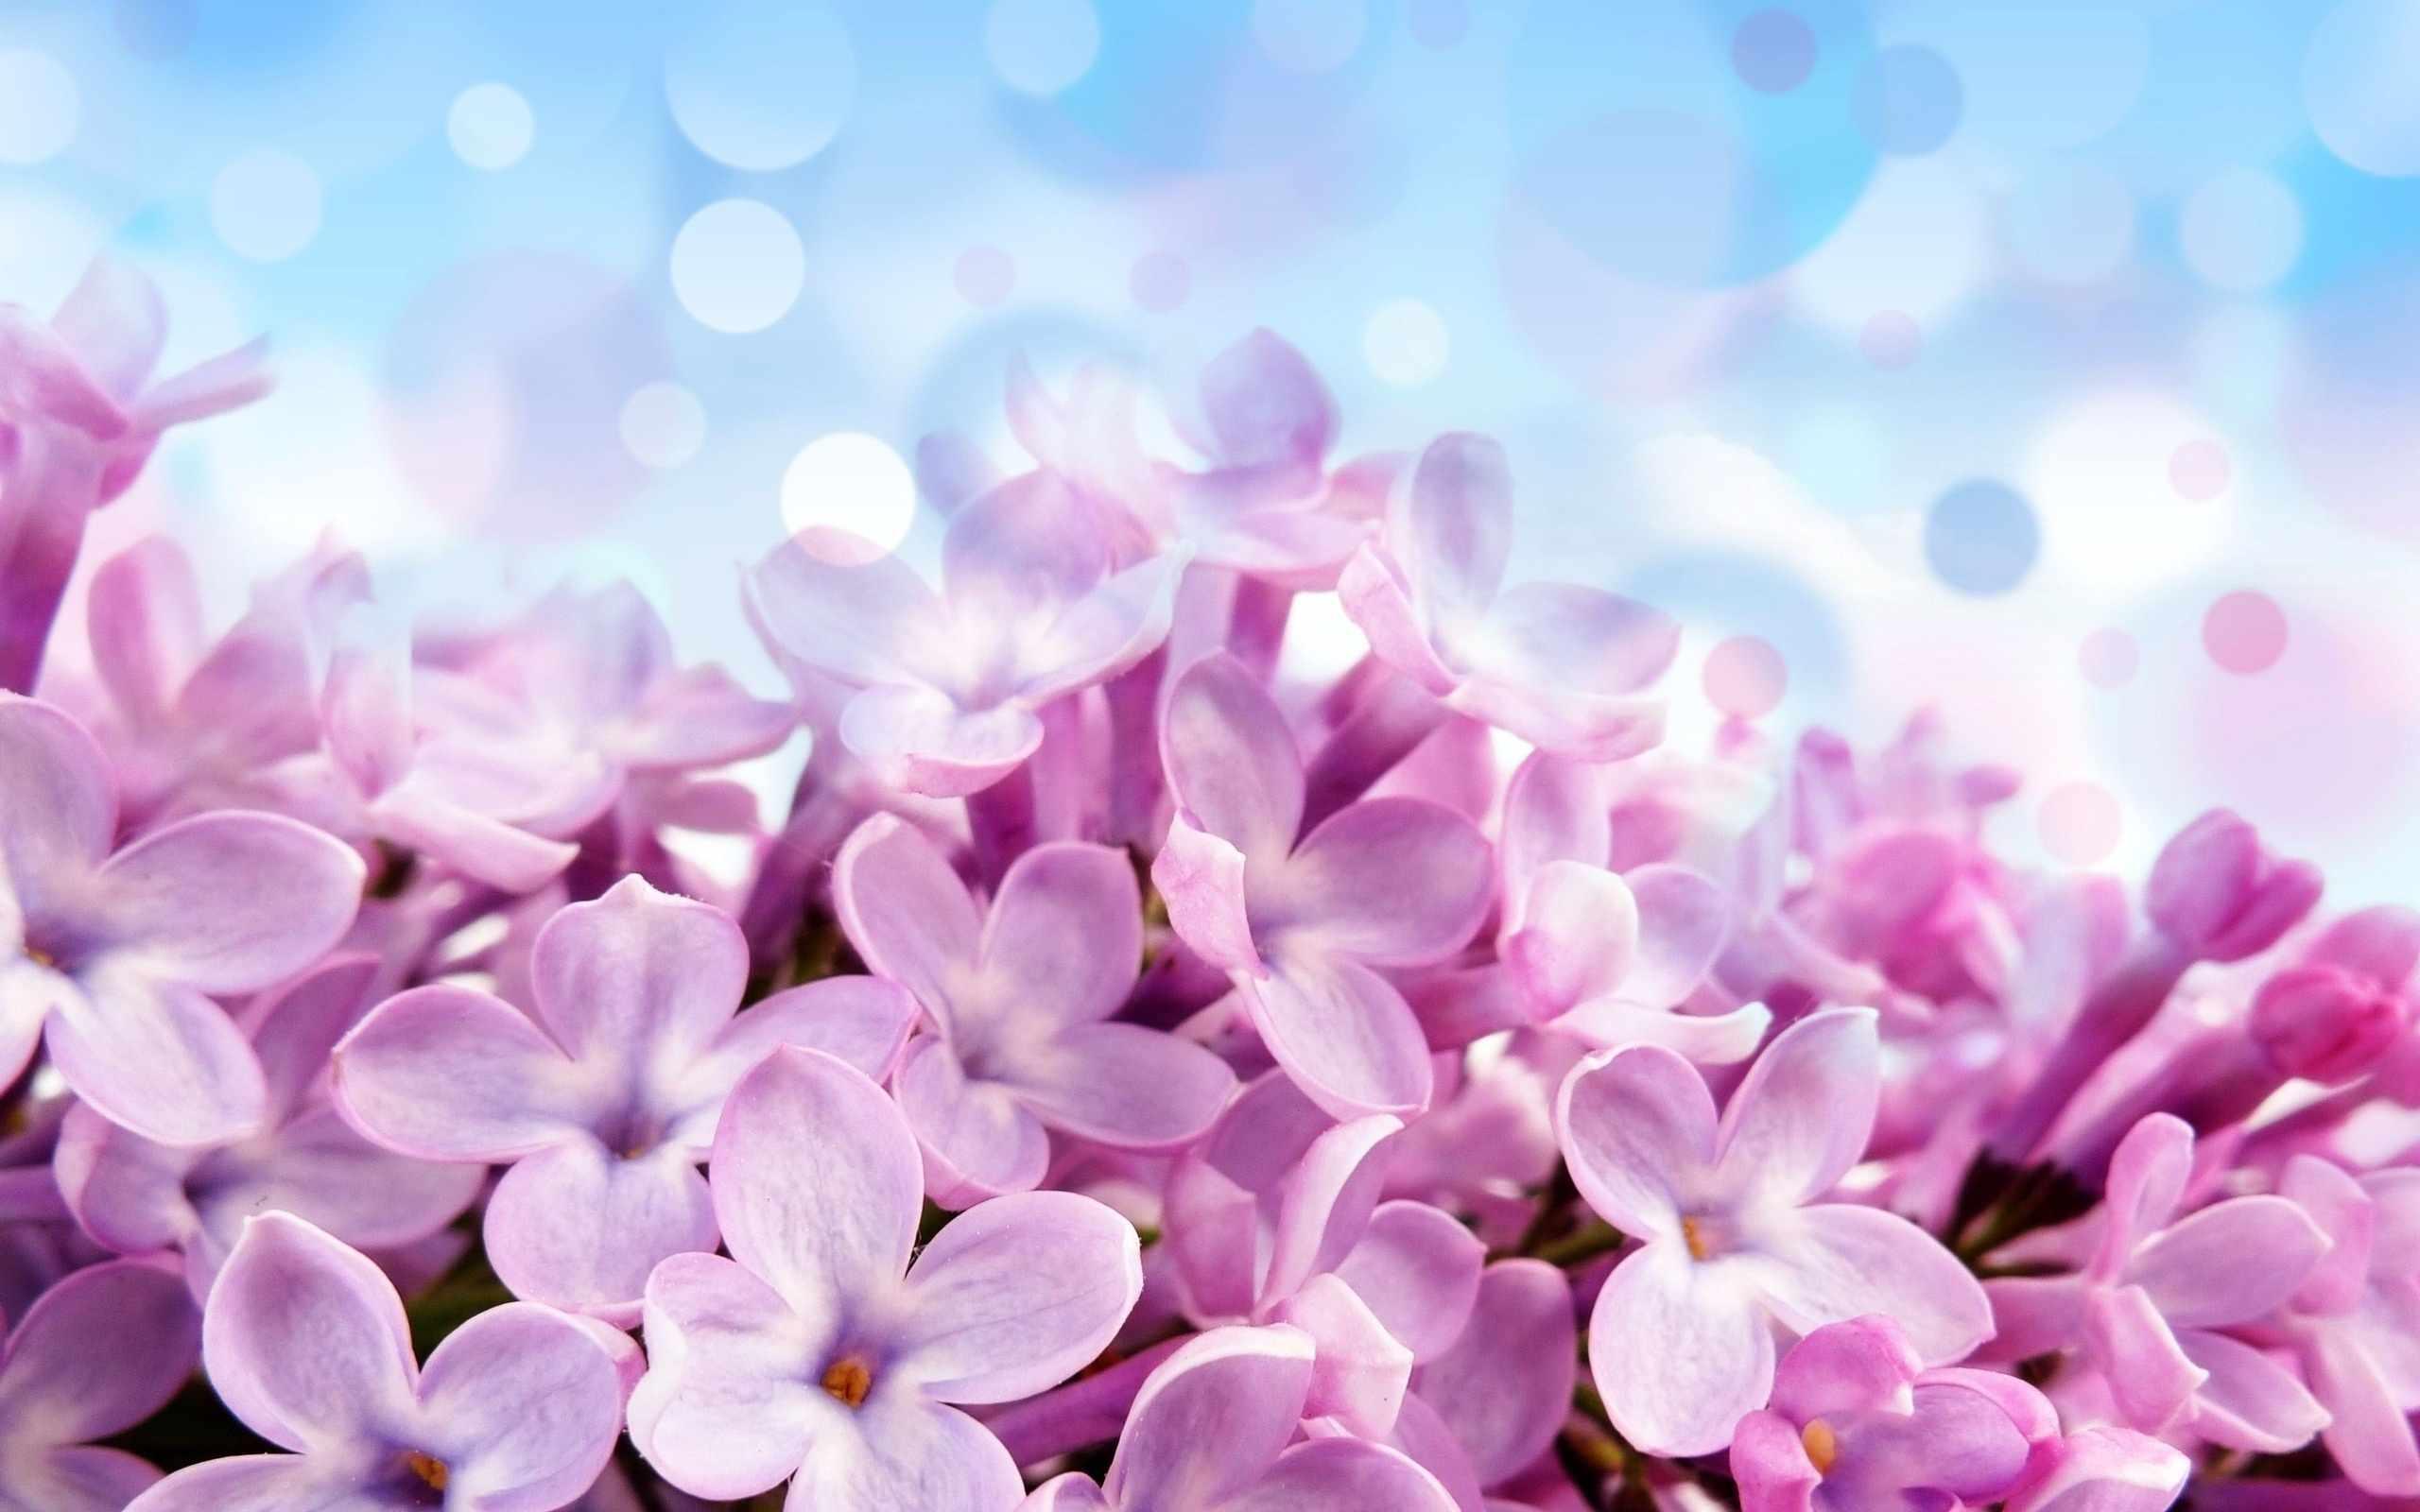 Hình nền đẹp về hoa